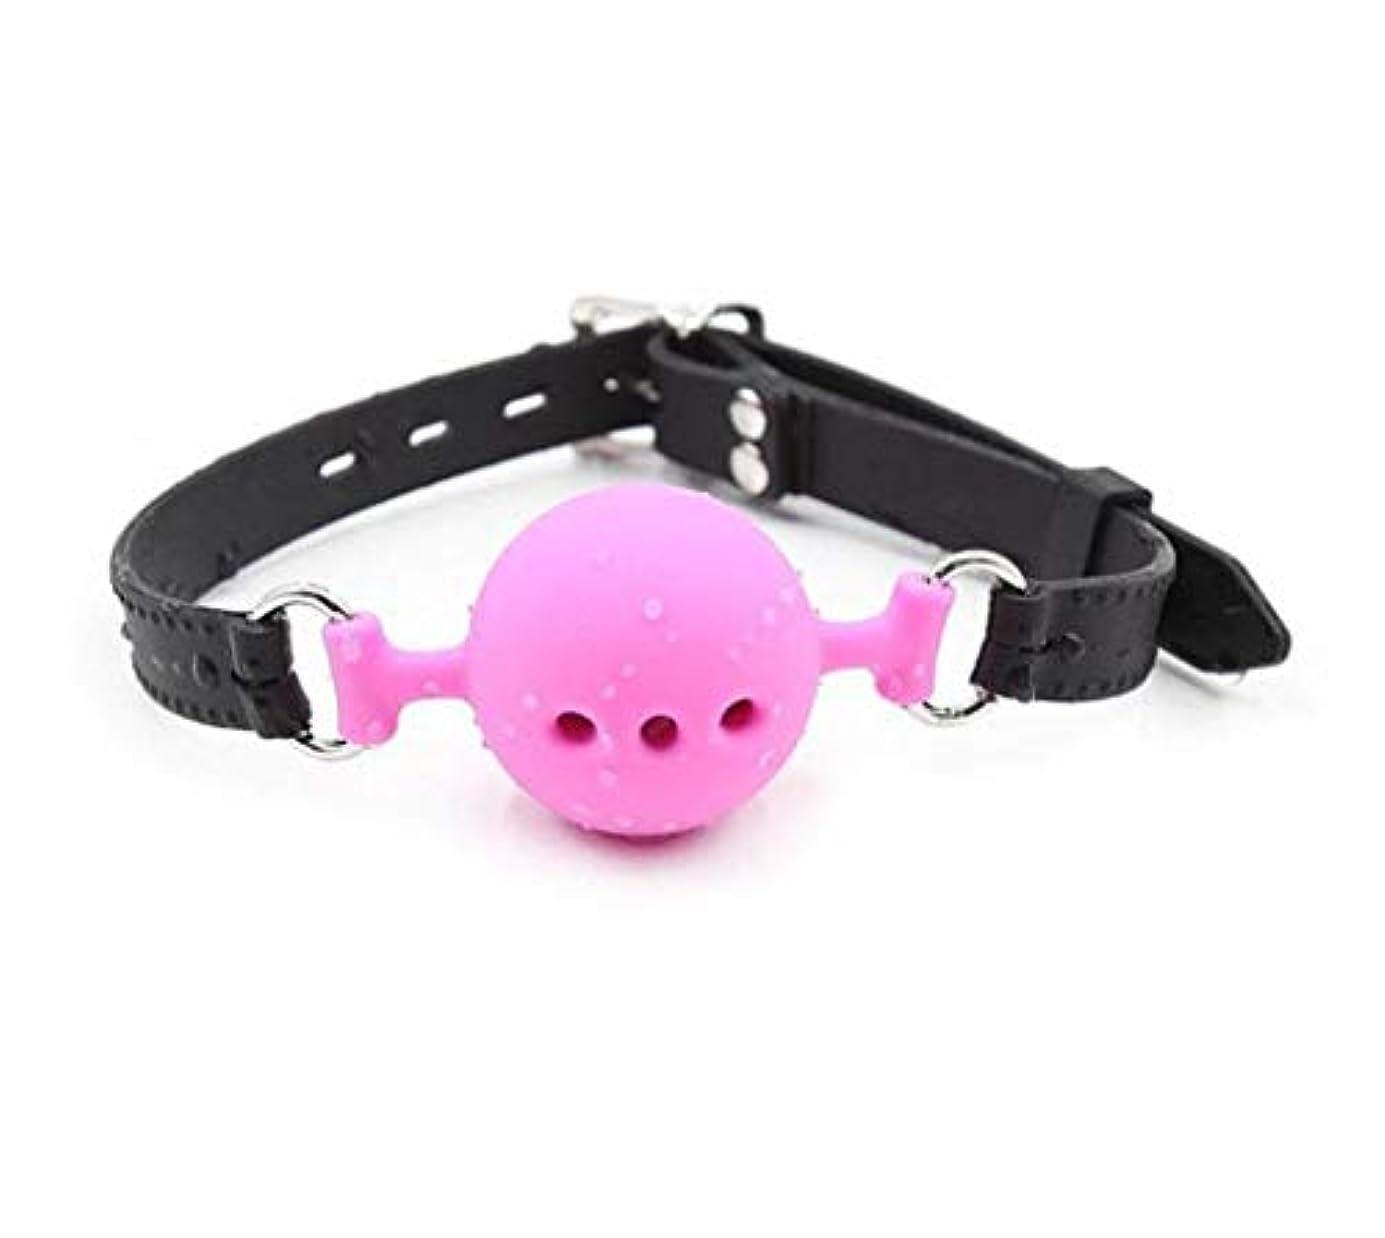 困難ぼかすエンジニア大人に適して 黒いシリコーンベルトが付いている穴の完全なシリコーンの柔らかい口球が付いている口のプラグ セクシー (Color : ピンク)